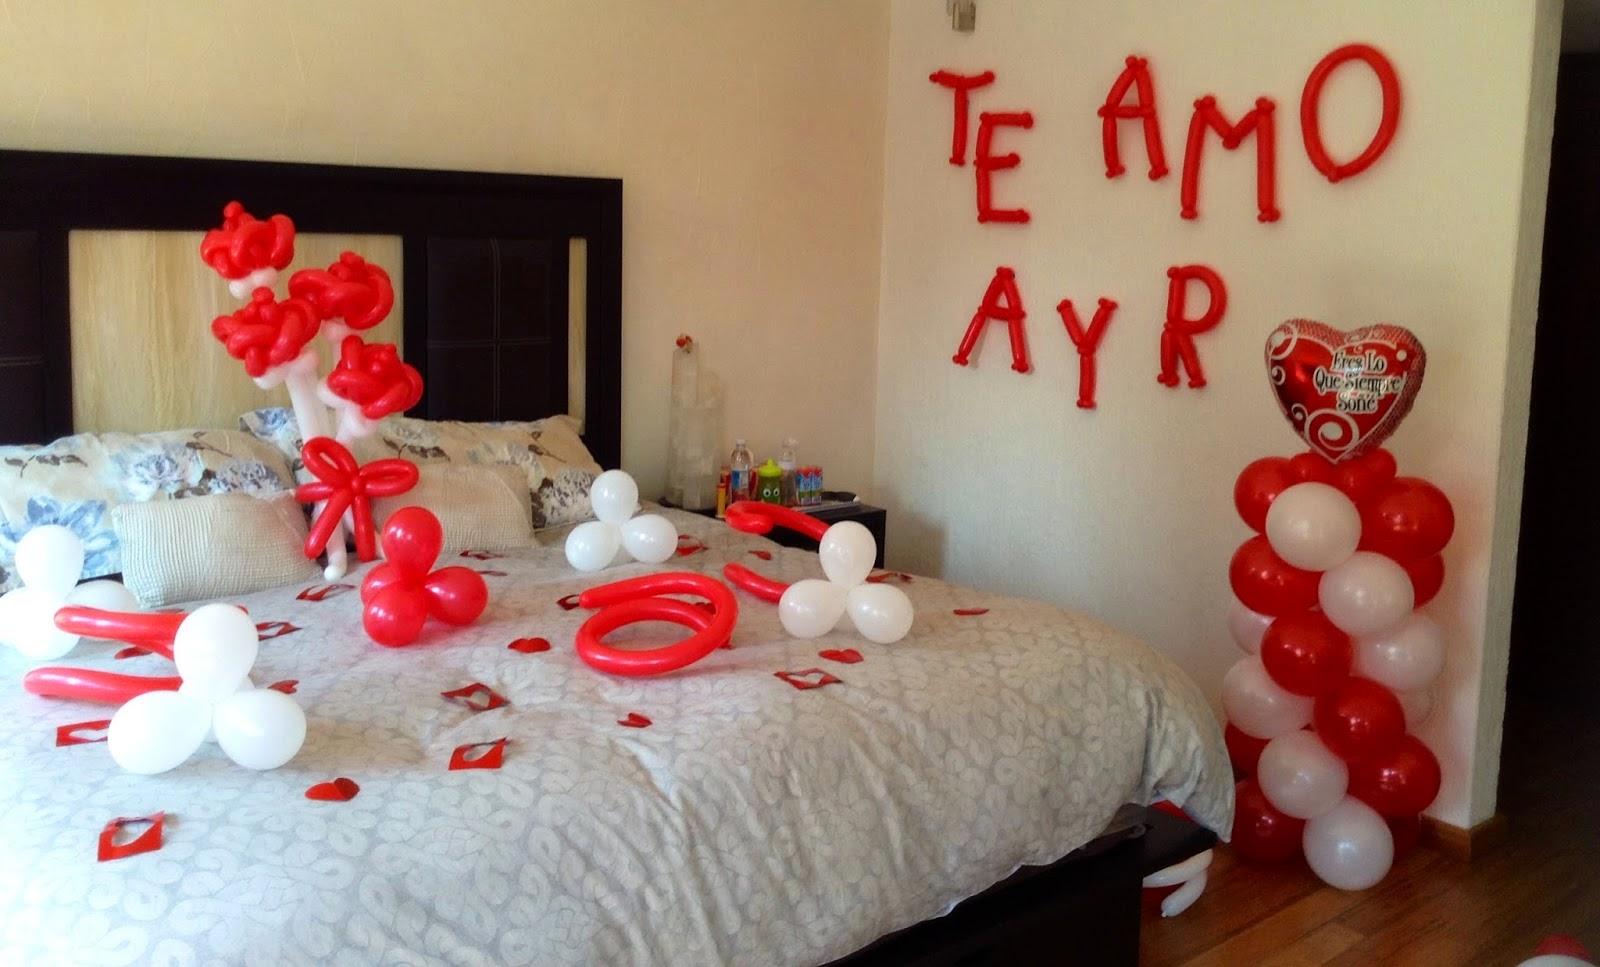 Como preparar noche romantica best como preparar noche for Cuartos decorados para aniversario